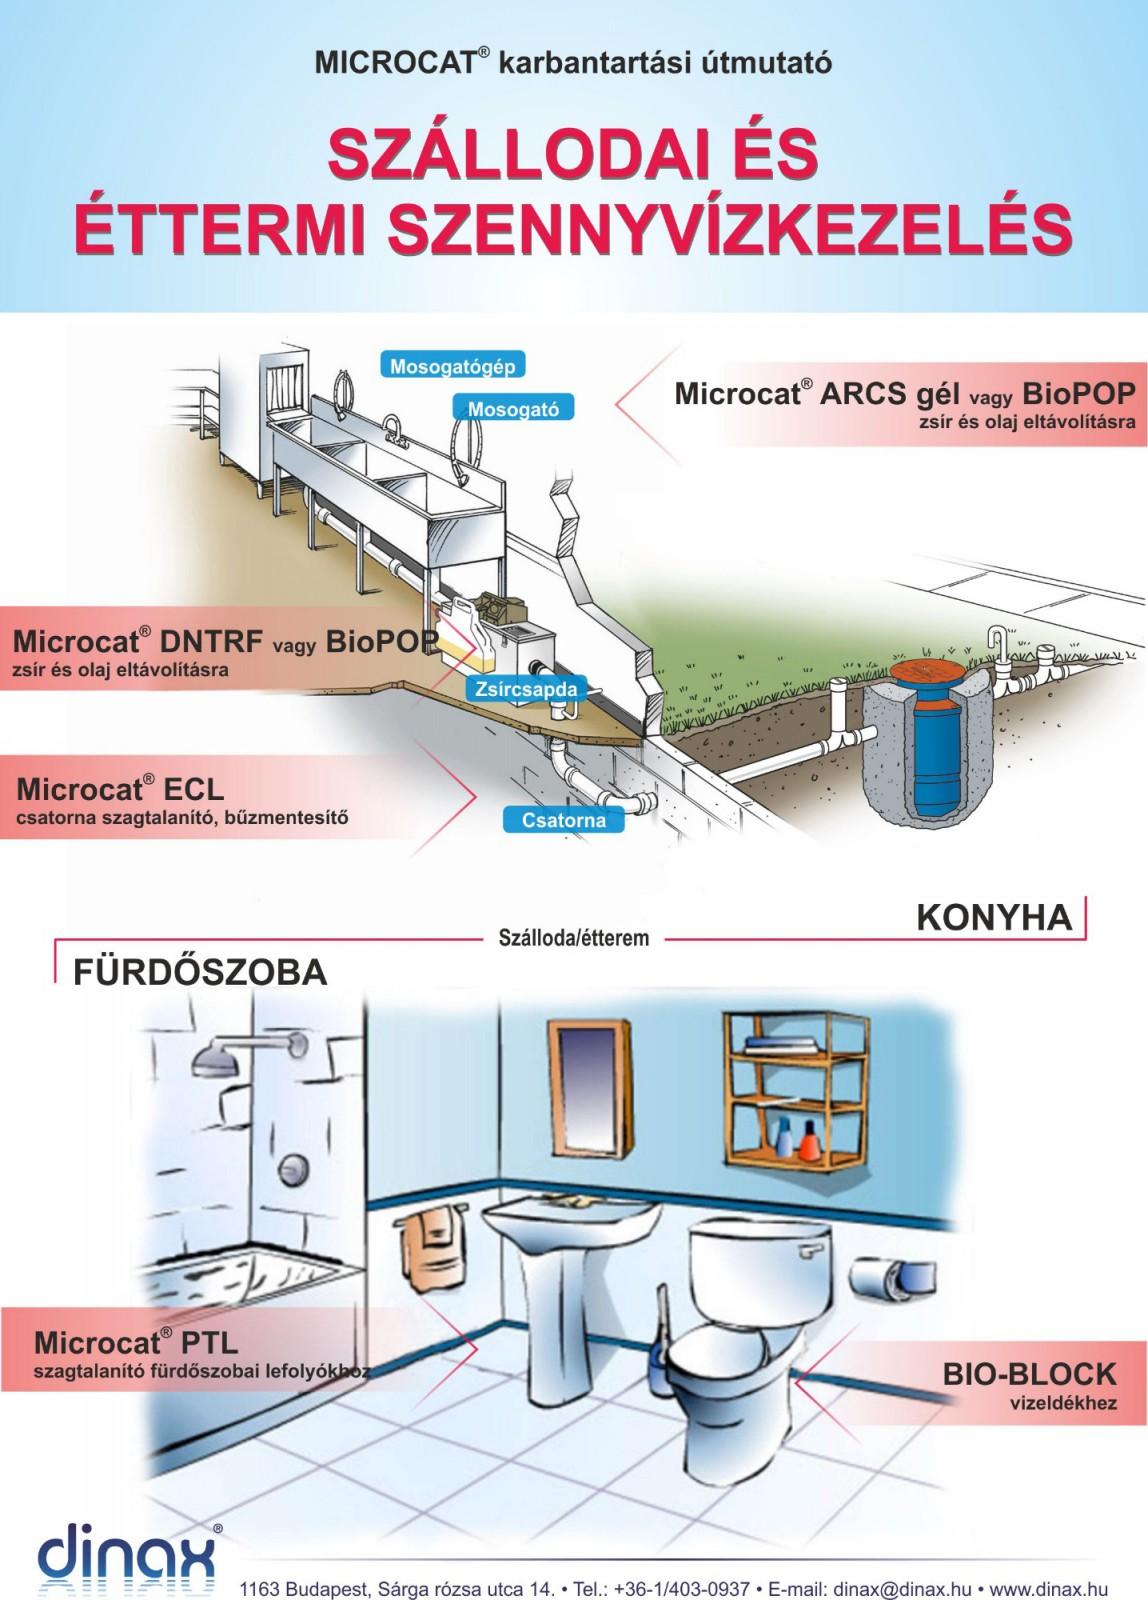 látásvizsgálati diagram alsó sora